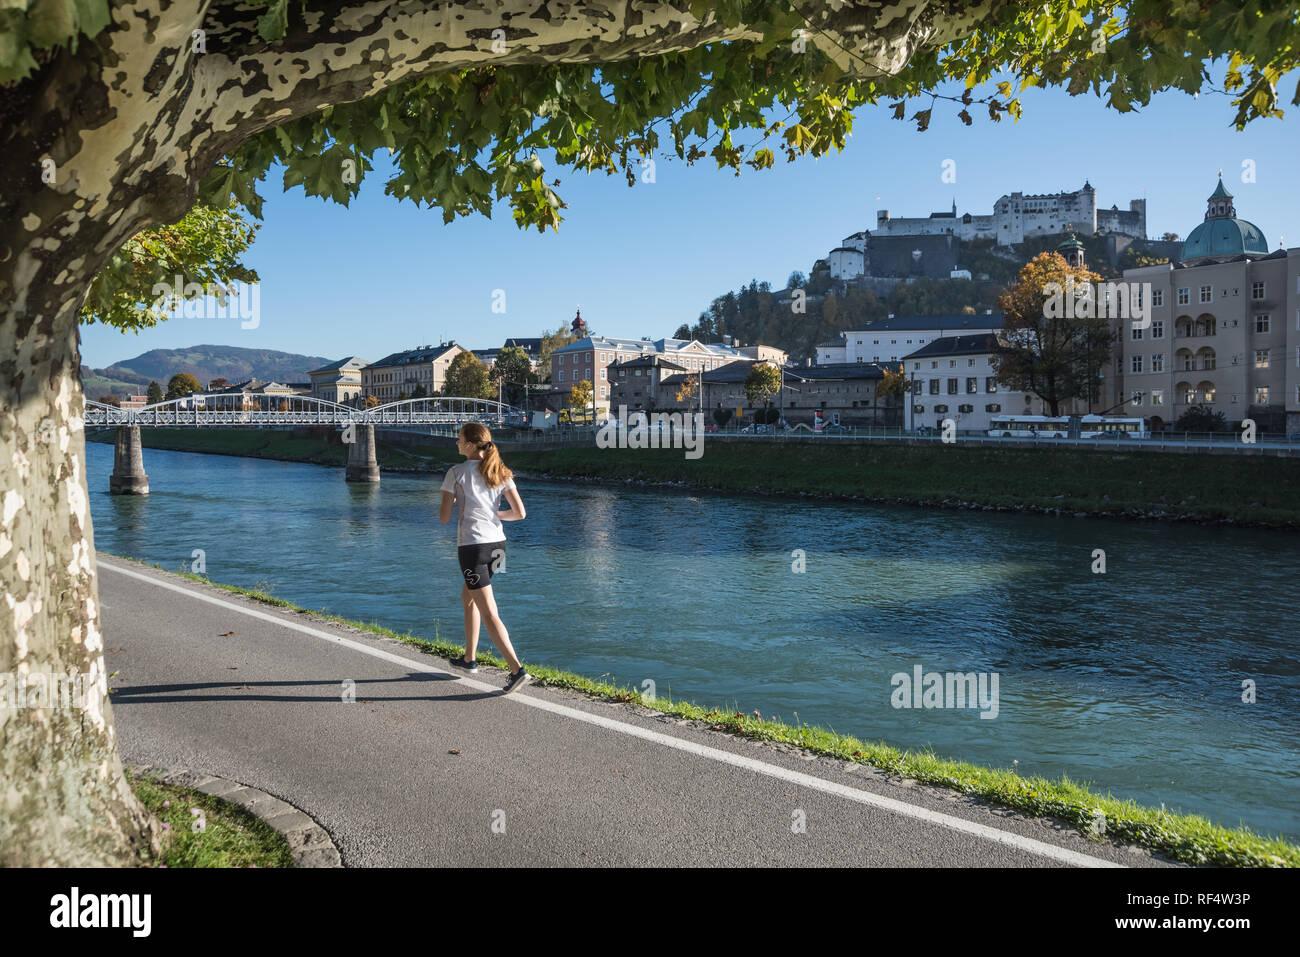 Salzburg, Joggerin an der Salzach, im Hintergrund die Festung Hohensalzburg - Salzburg, Jogging along the Banks of River Salzach, Hohensalzburg Castle - Stock Image